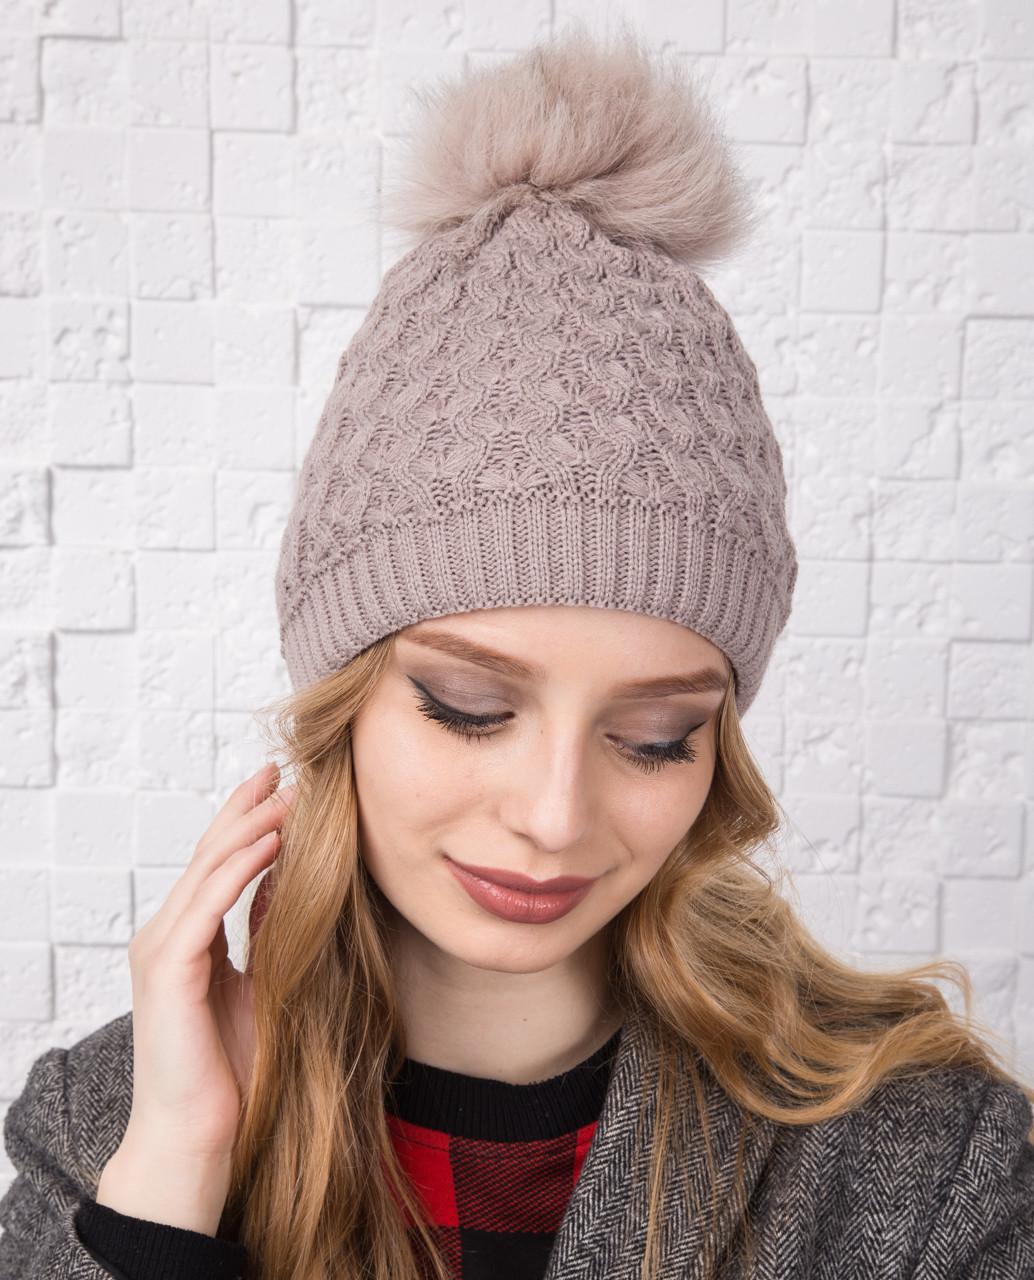 Вязанная женская шапка с меховым помпоном на зиму - Арт 12А (кремовый)